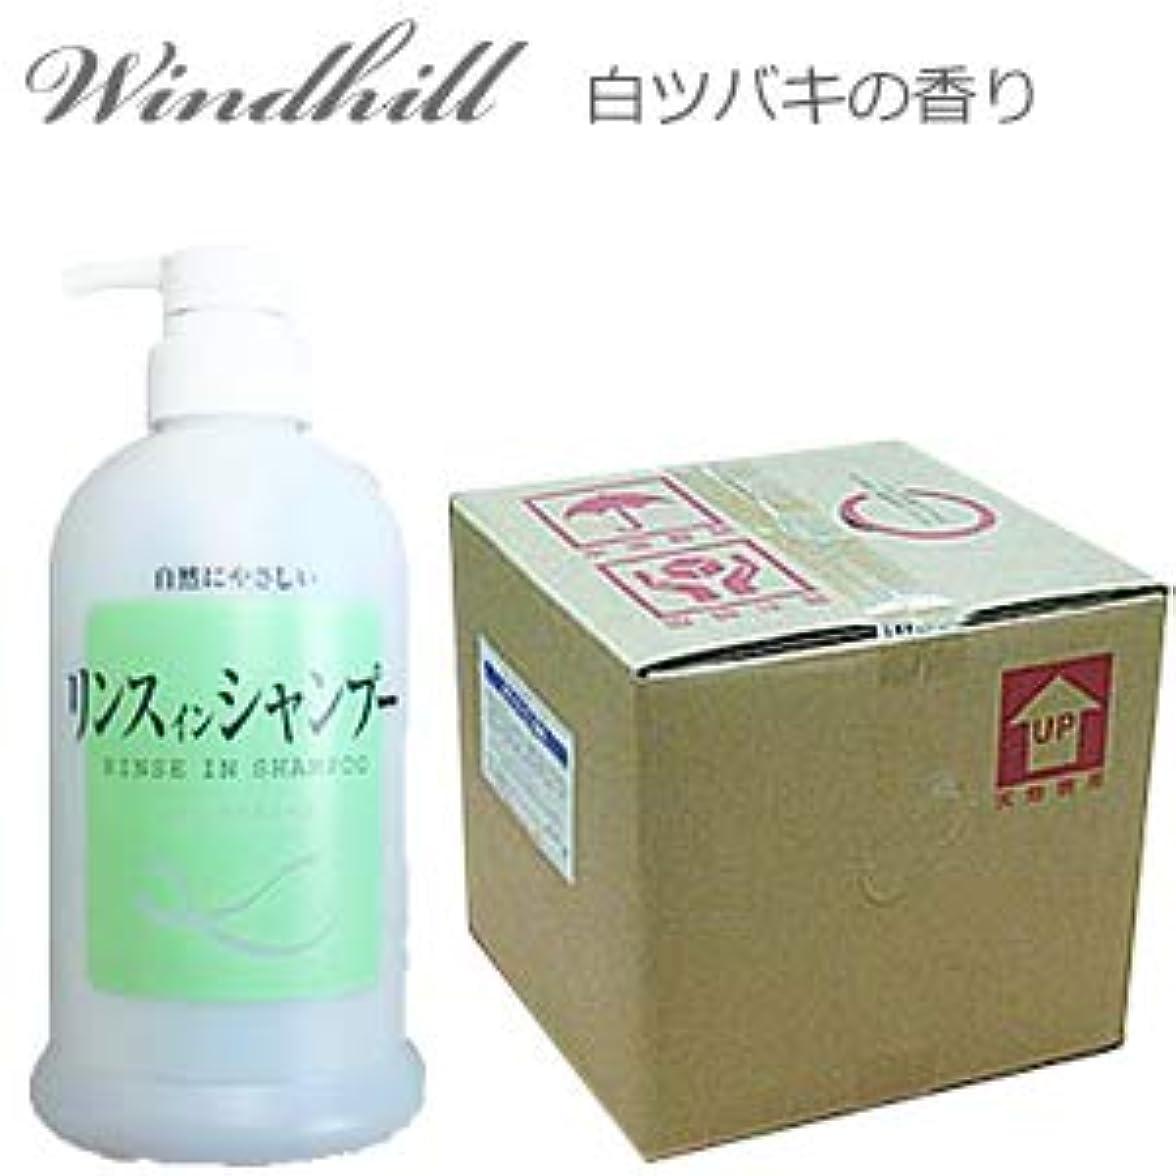 ママ時ログなんと! 500ml当り175円 Windhill 植物性 業務用 リンスインシャンプー 白椿の香り